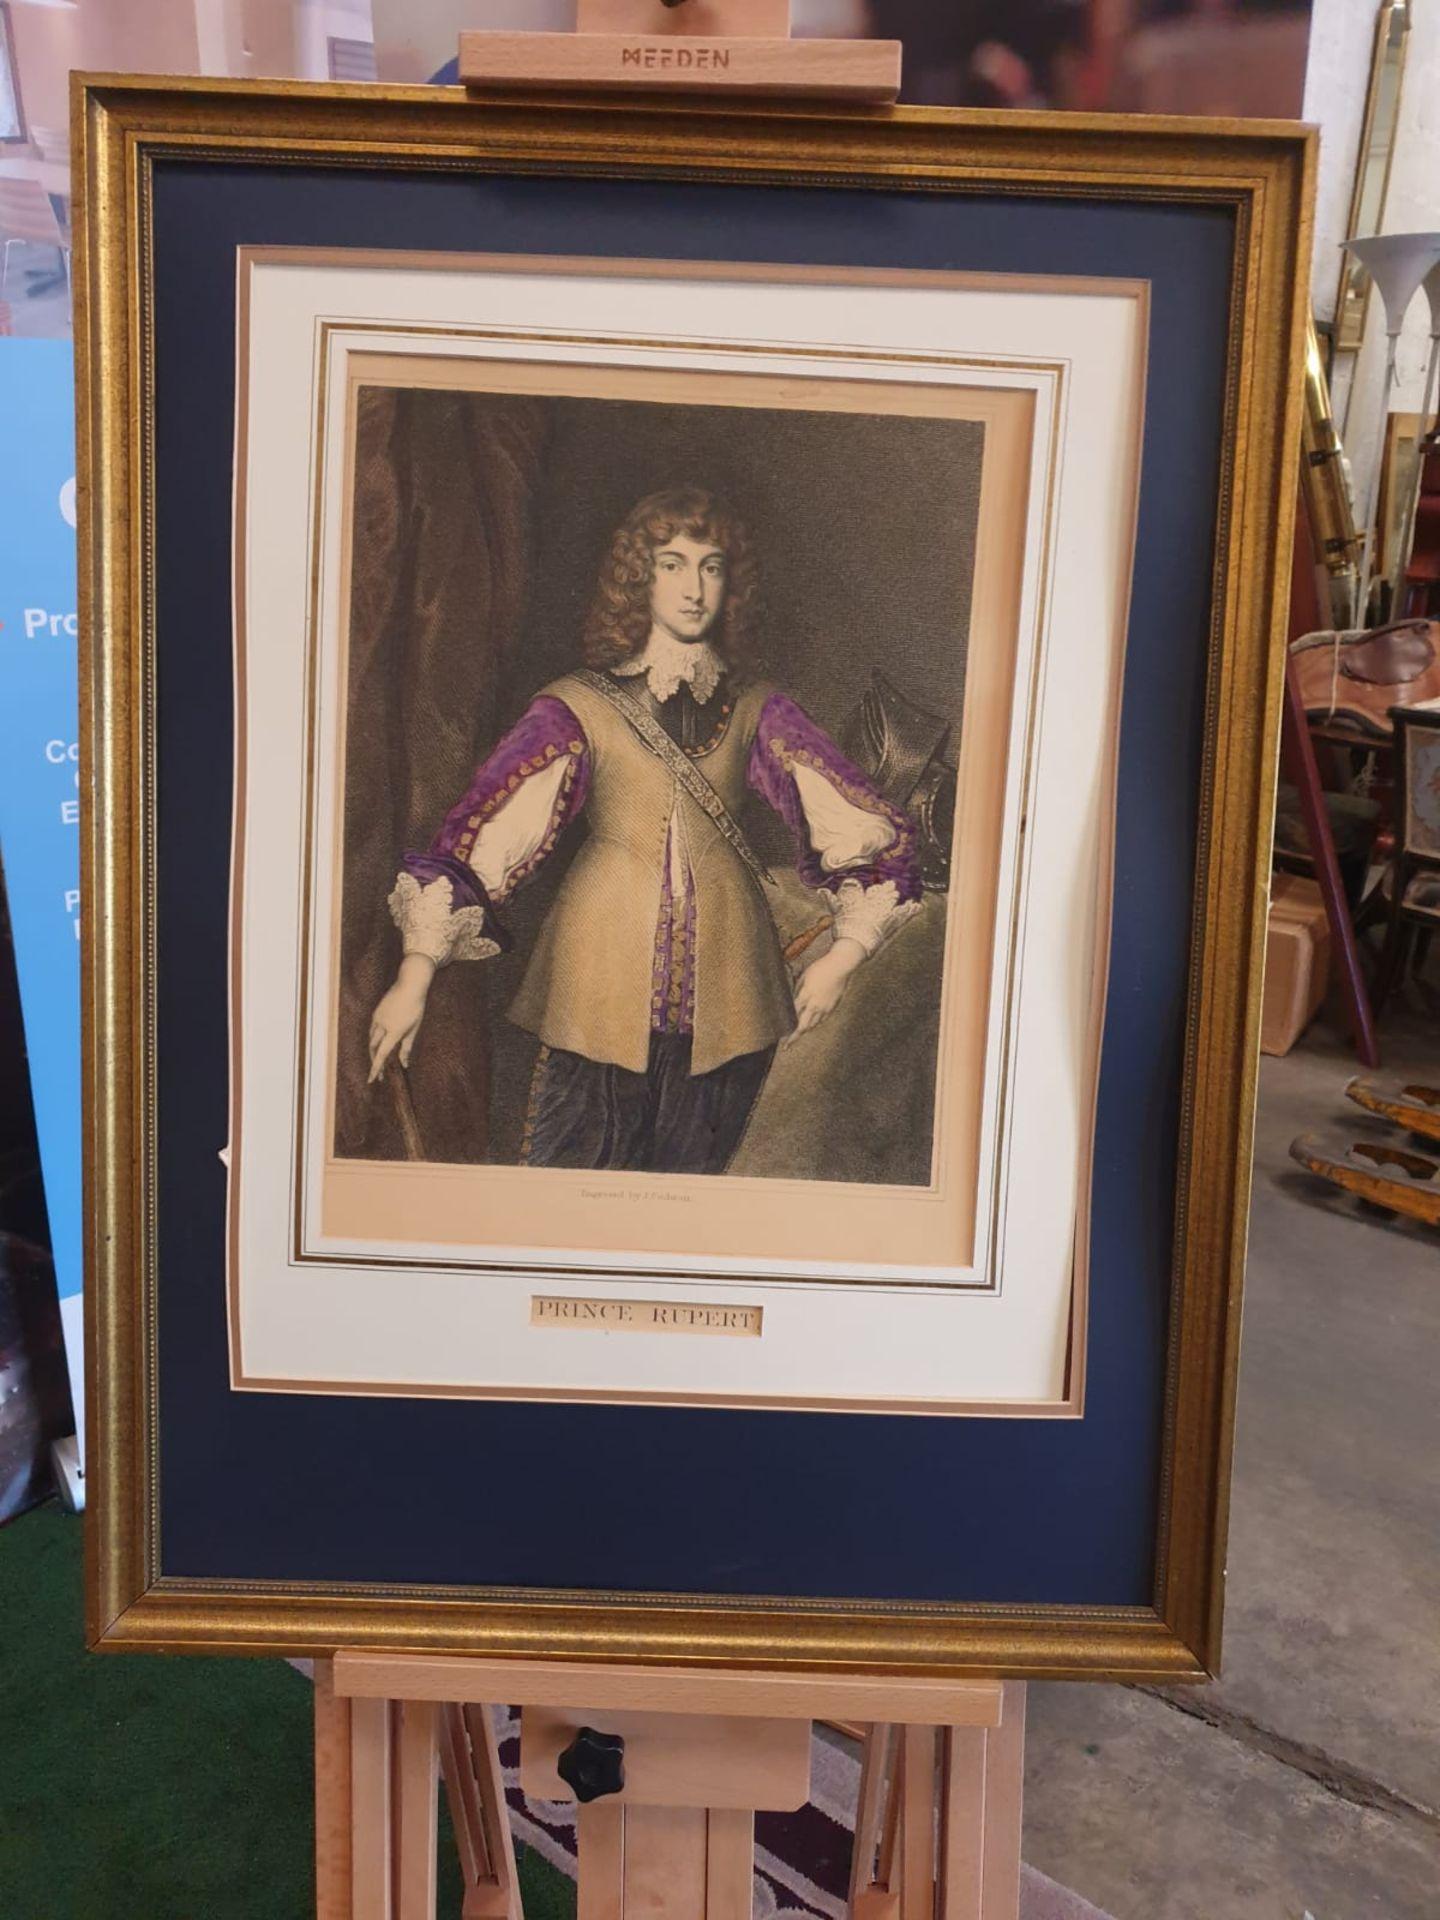 Framed Hand coloured Engraving, John Cochran of Prince Rupert, 1619 - 1682. Son of Elizabeth of - Image 3 of 4